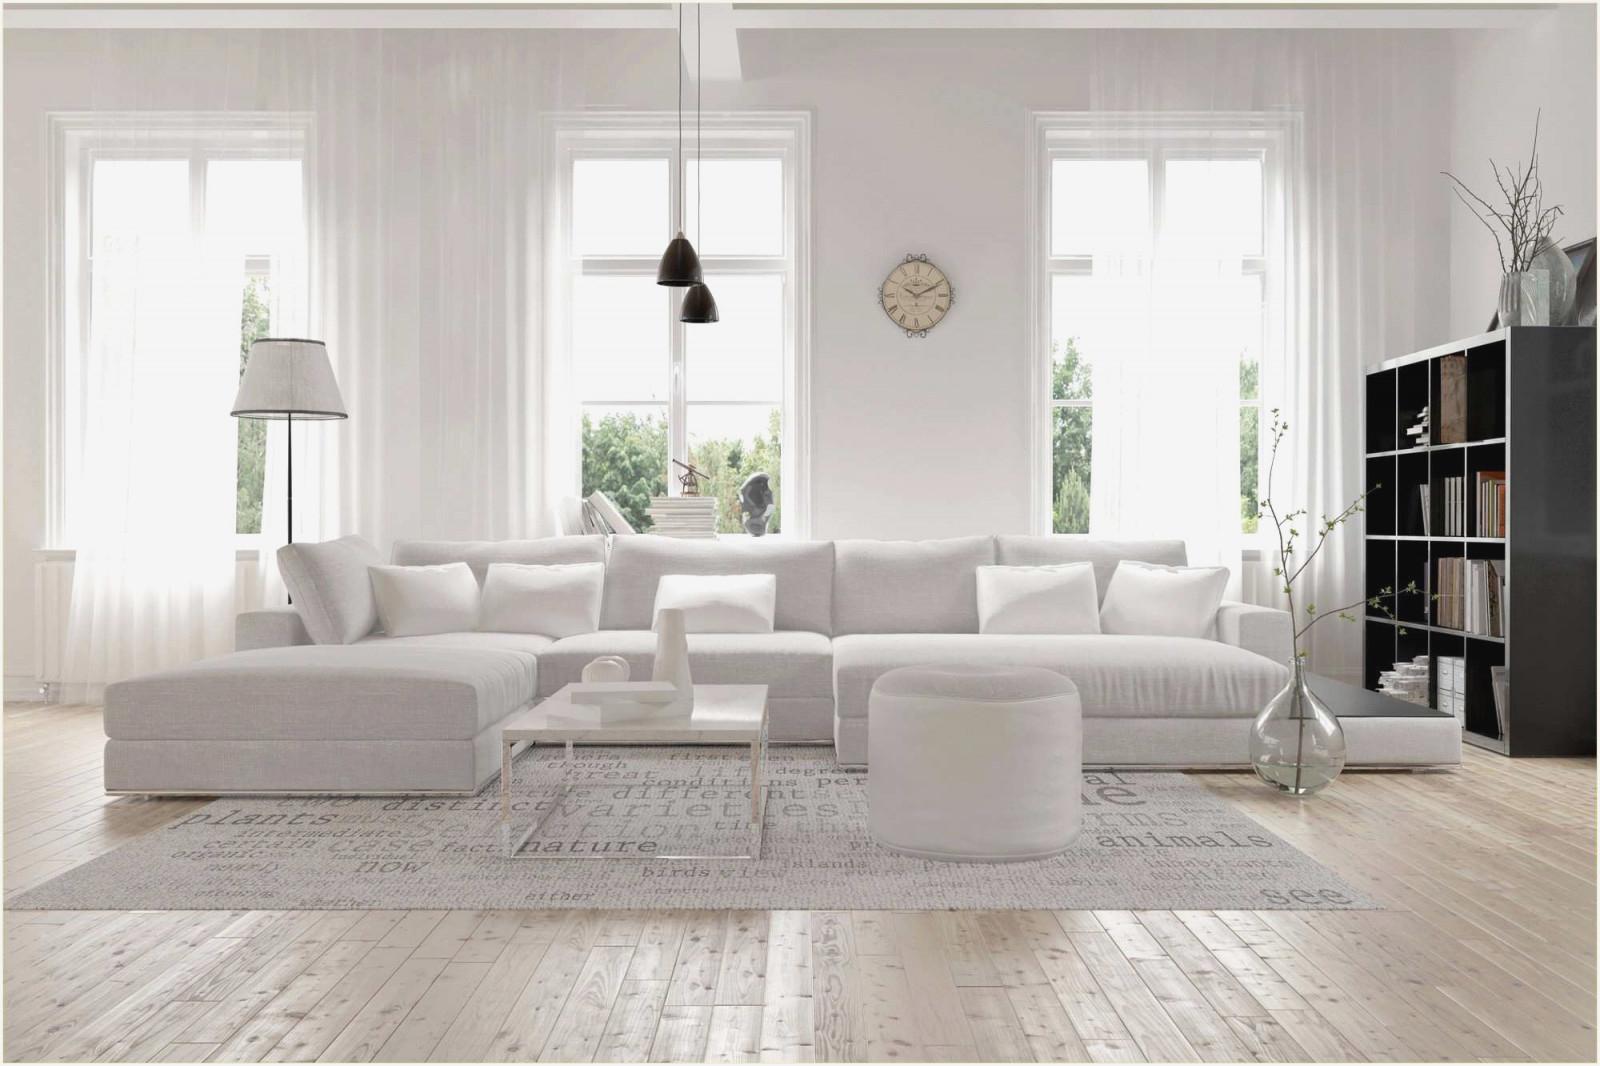 Kleines Wohnzimmer Gestalten Grau Weiss  Wohnzimmer von Wohnzimmer Gestalten Grau Weiss Bild